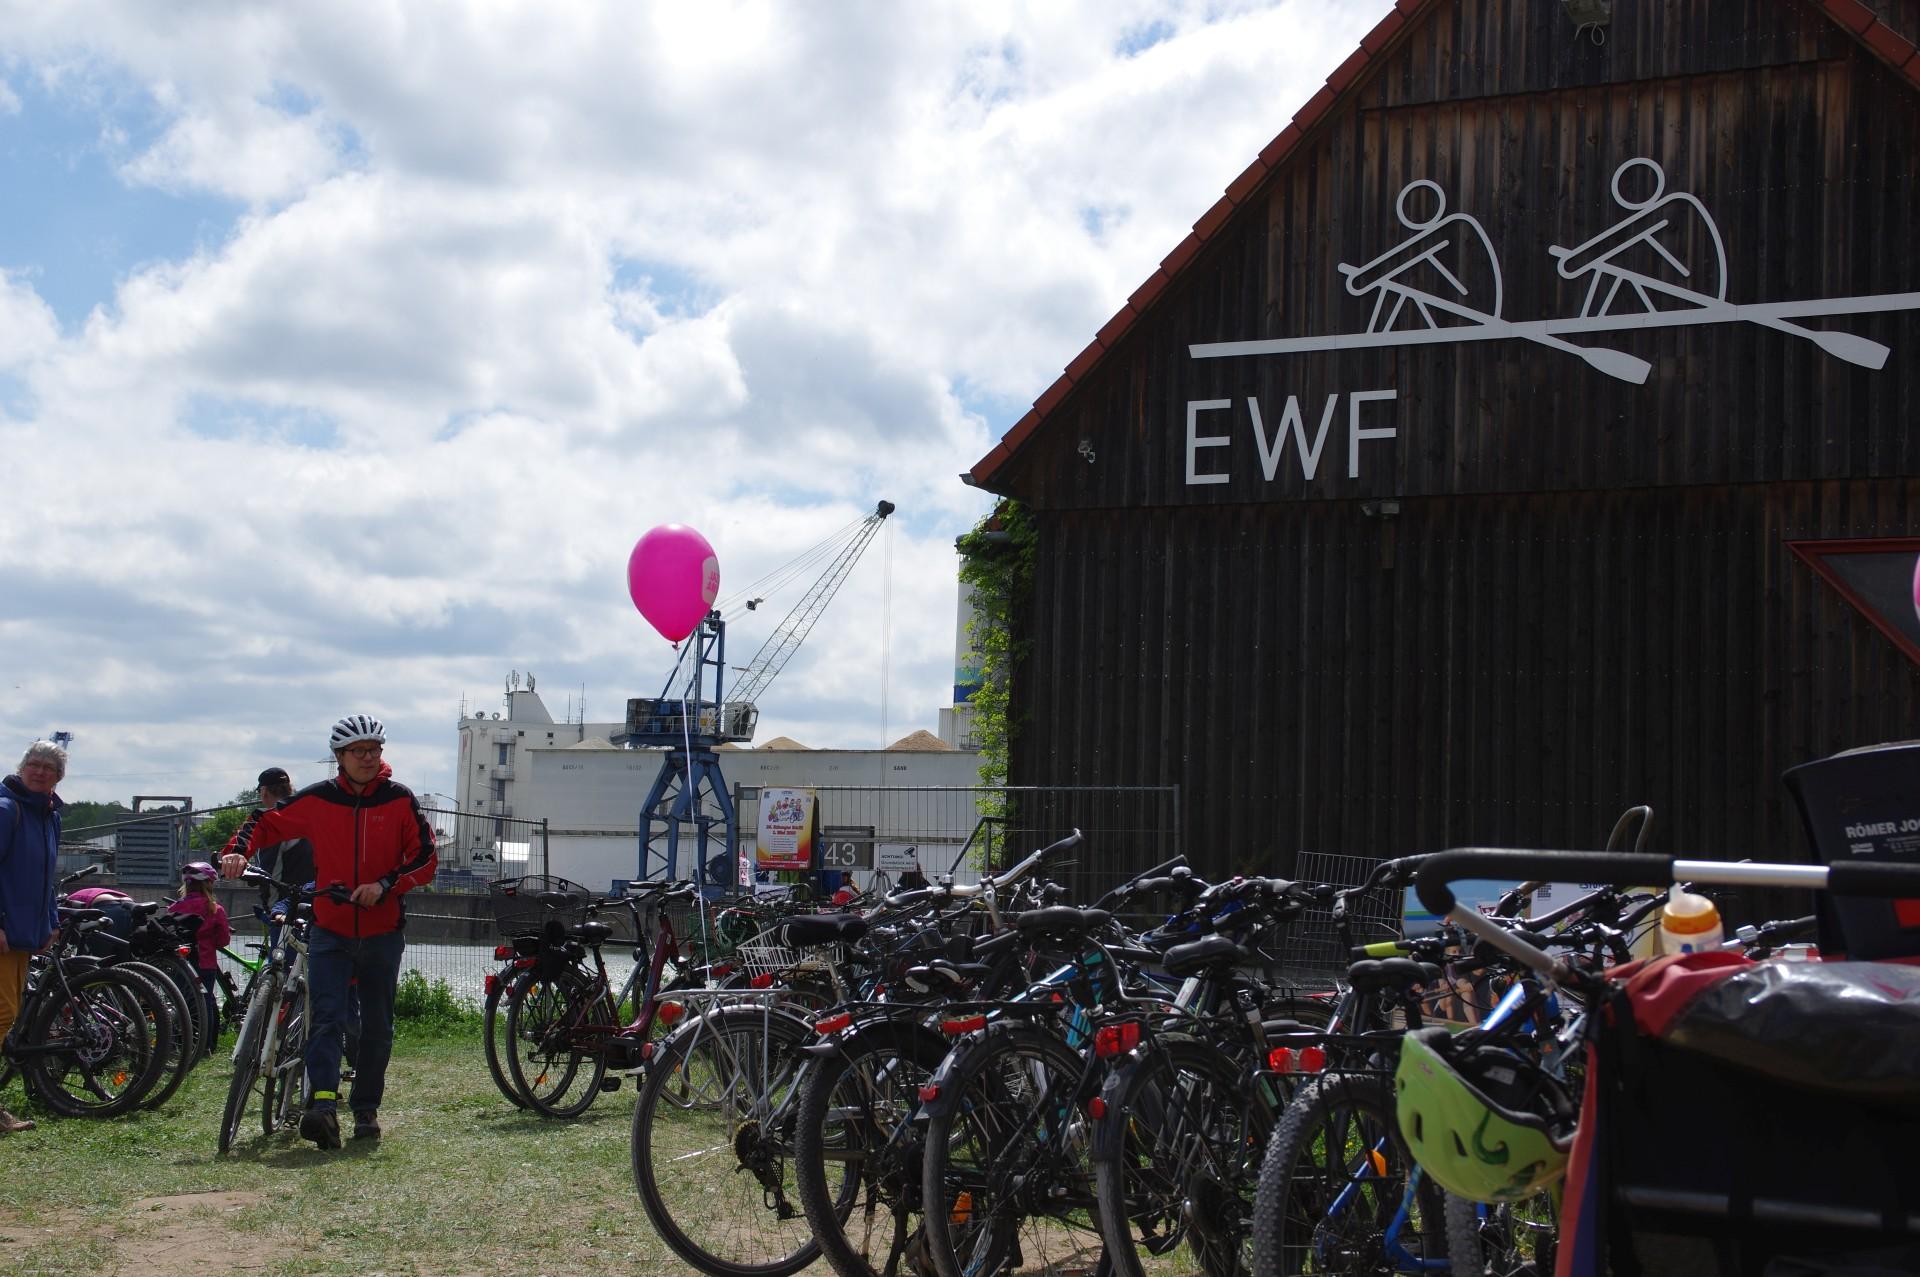 Fahrradparkplatz vor dem Bootshaus (Foto: Arne Borsum)